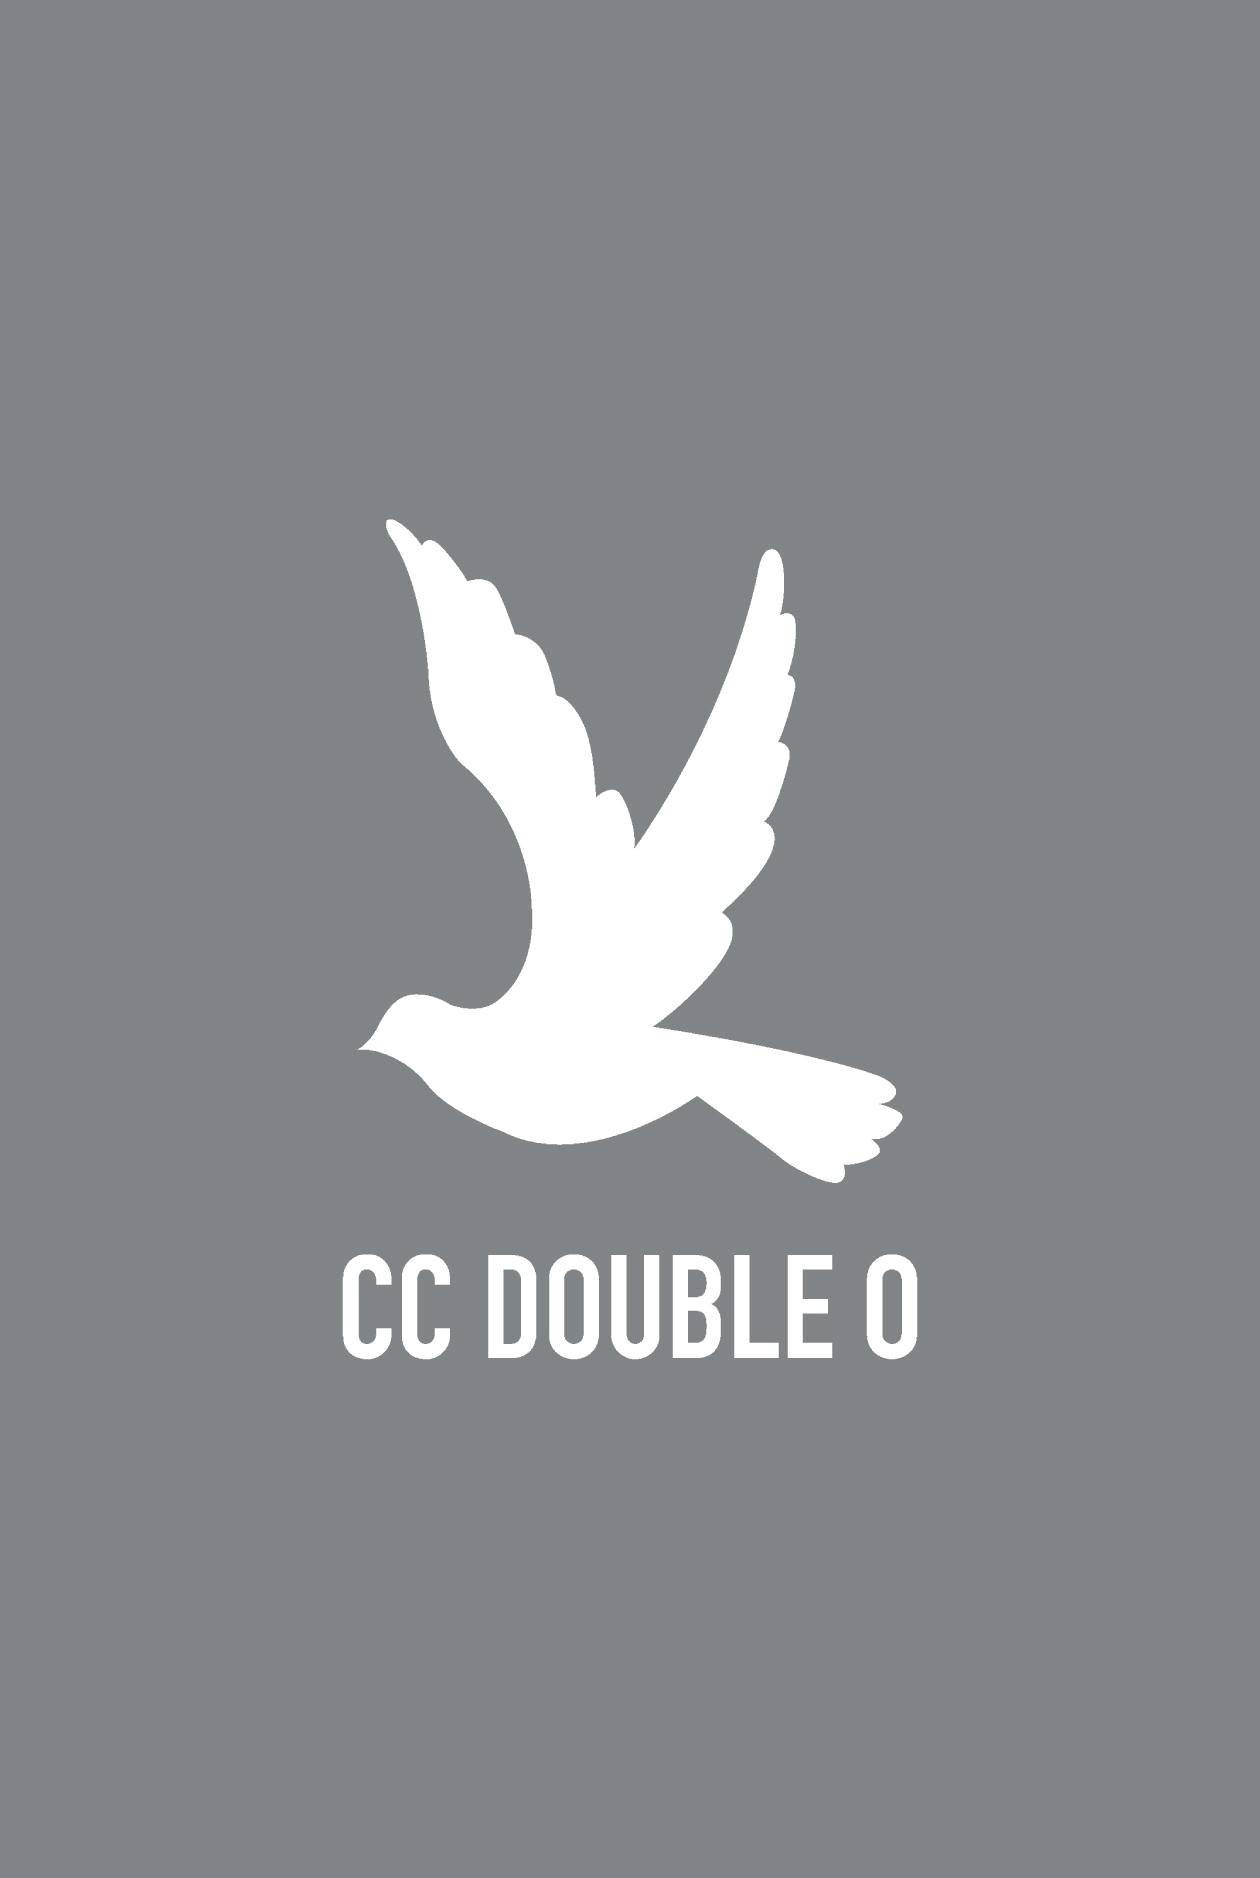 Polka Dot Bird Logo Sports Tee